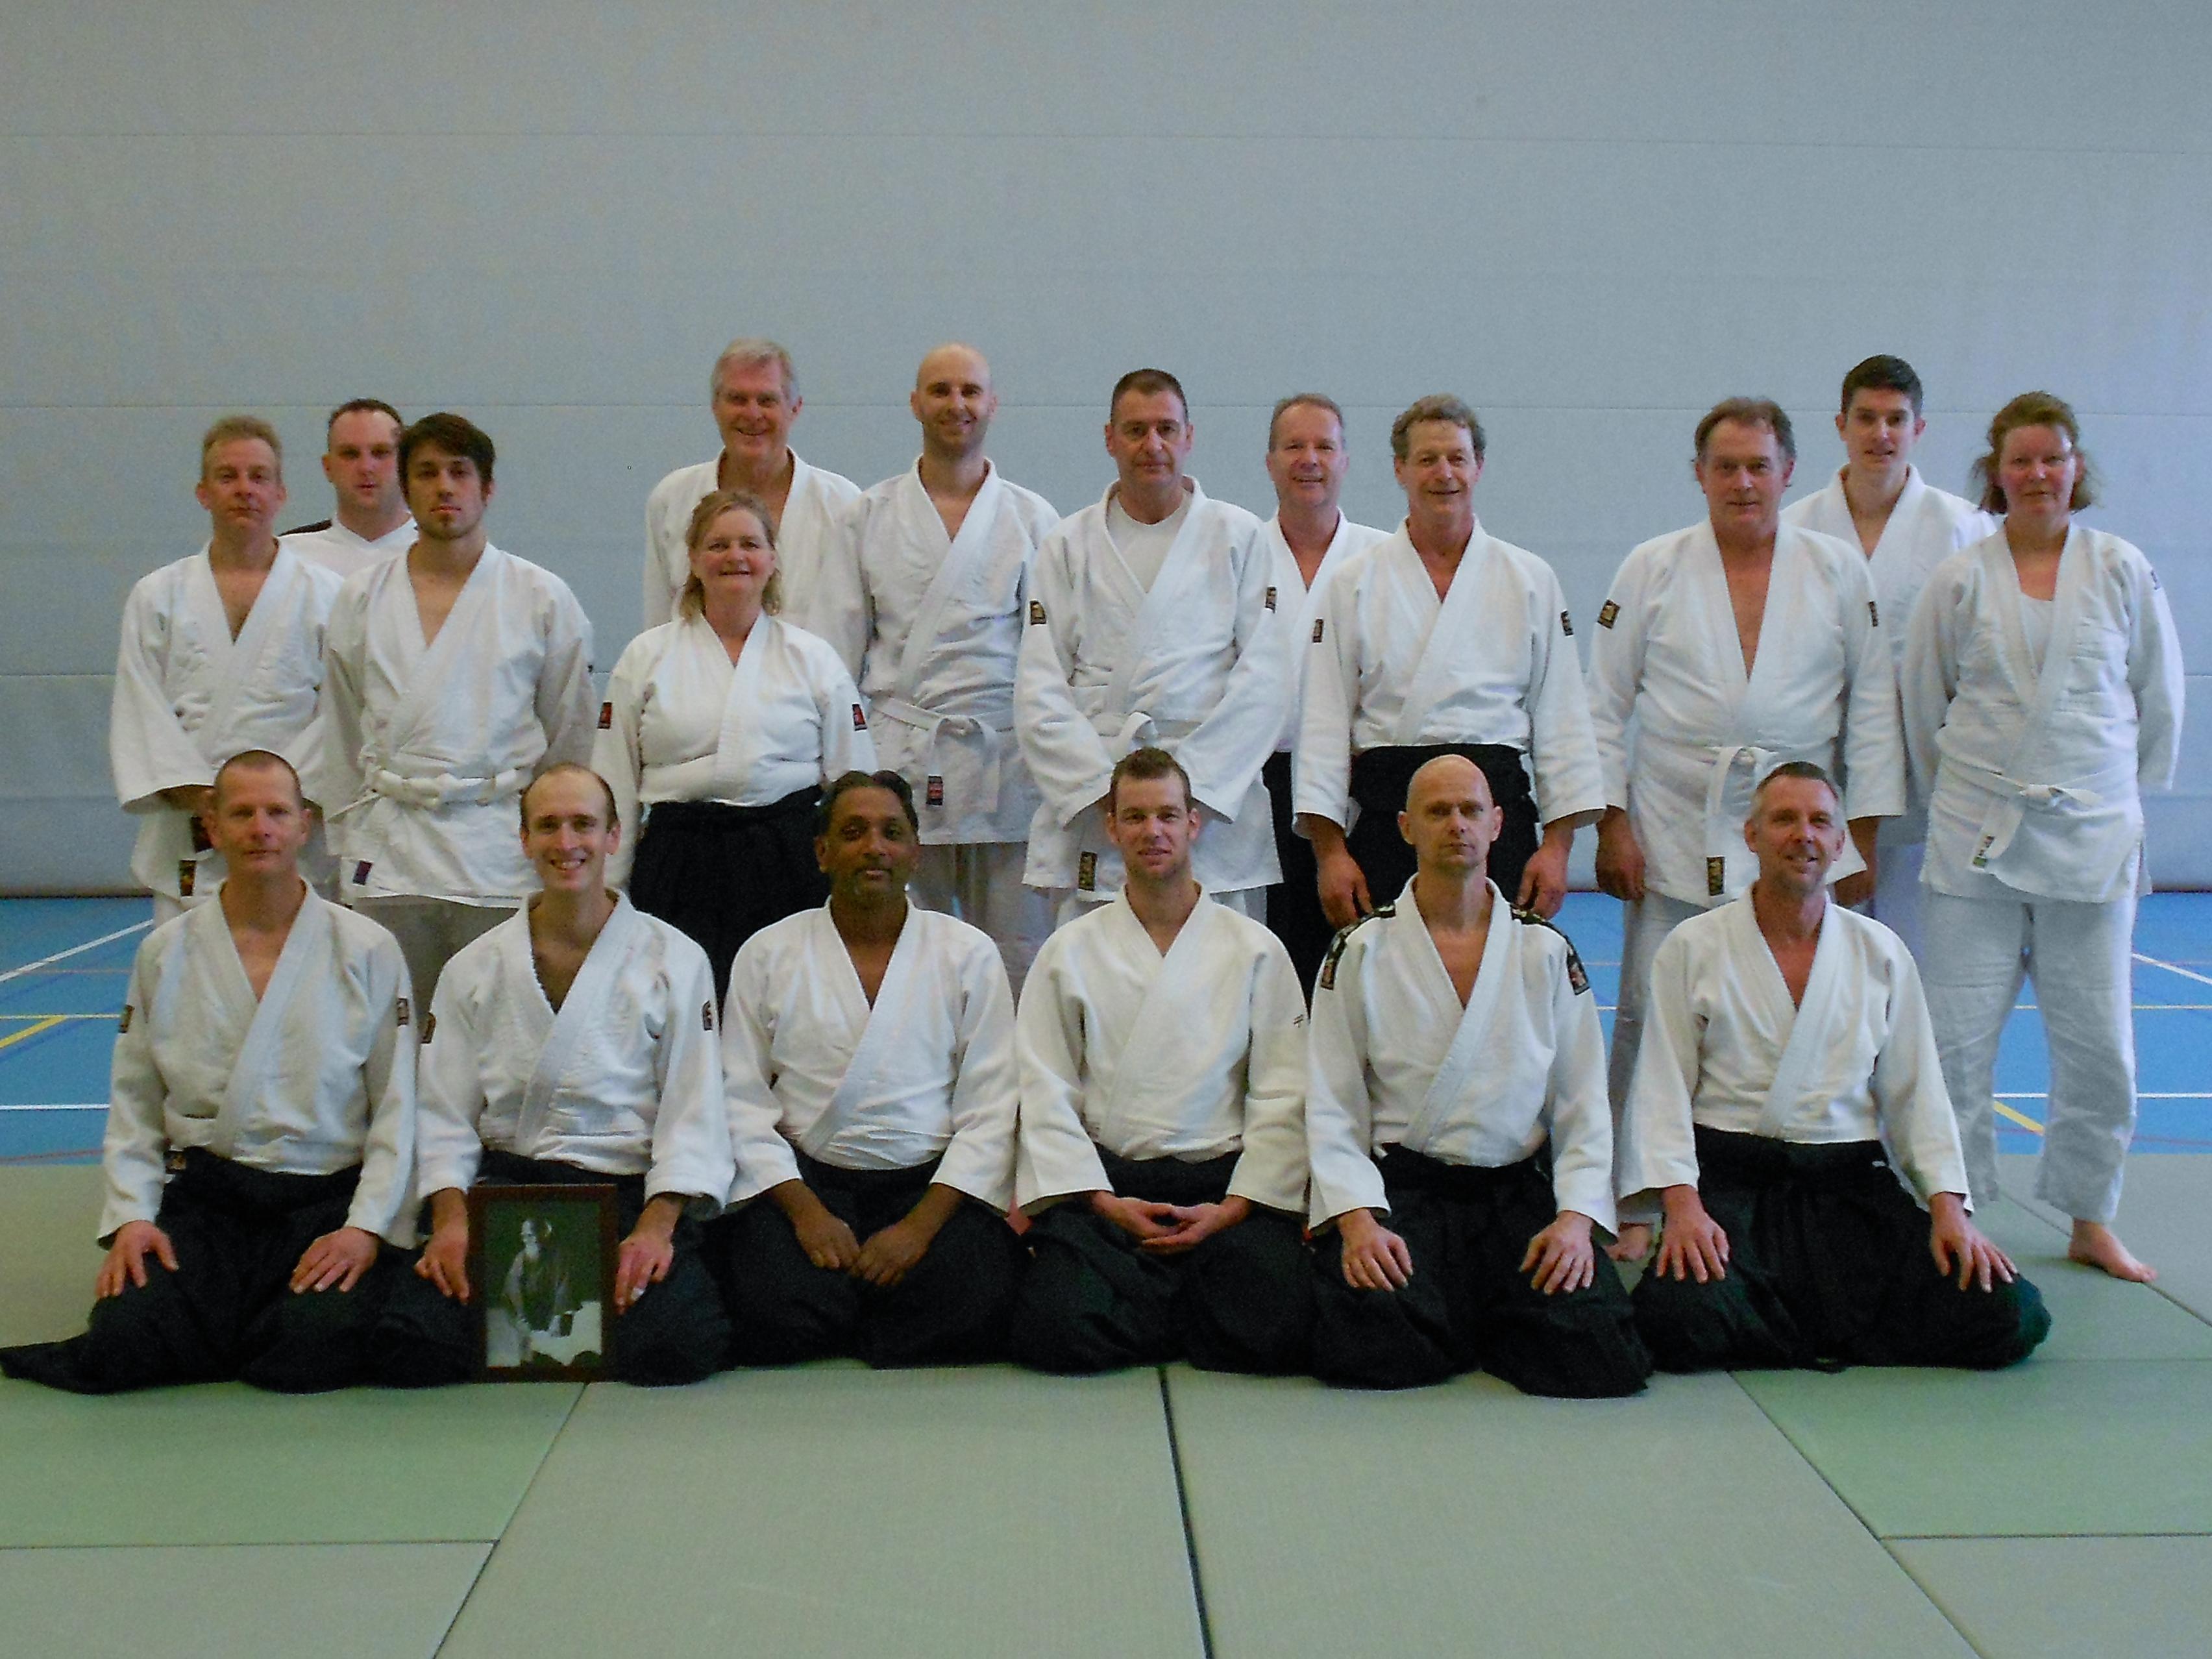 Groepsfoto Aikido Centrum Rotterdam Nieuwjaarsstage 2014 olv Sachien Raghoe